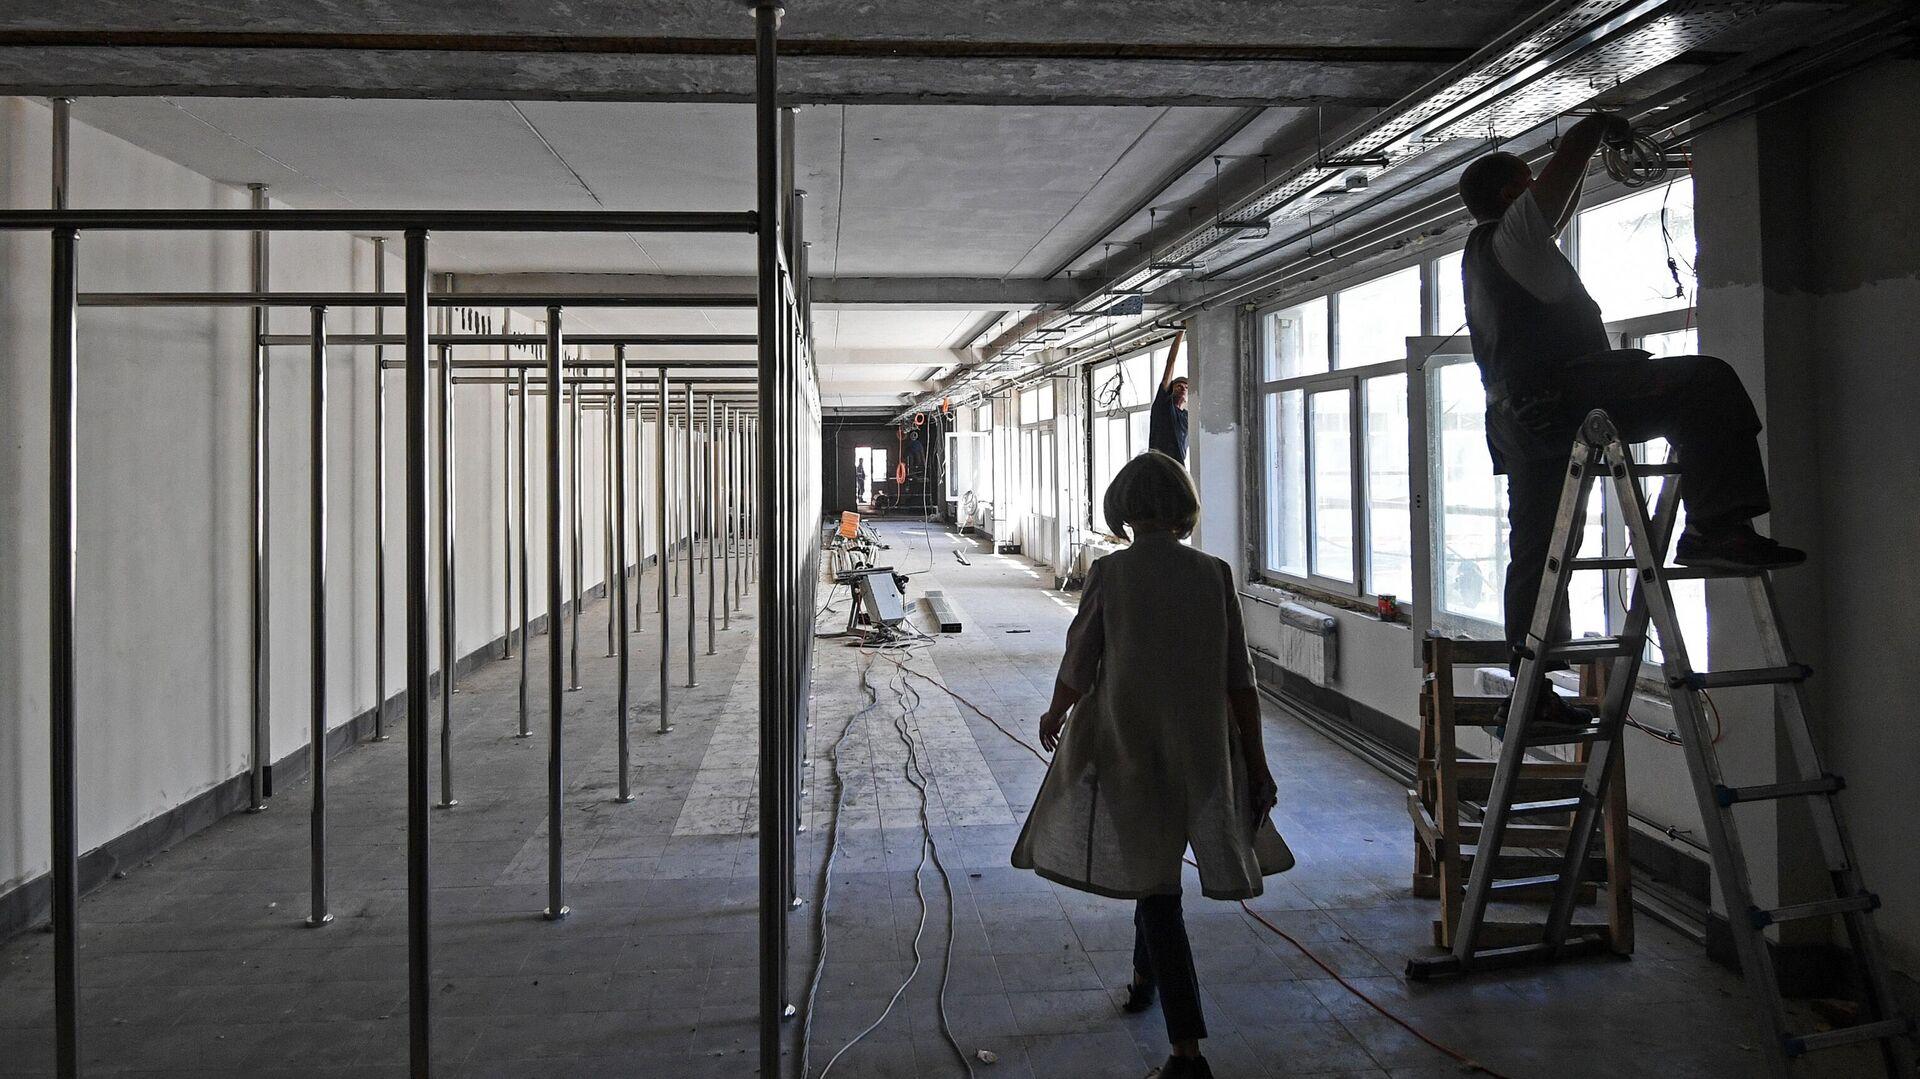 Капитальный ремонт в школе - РИА Новости, 1920, 04.08.2021